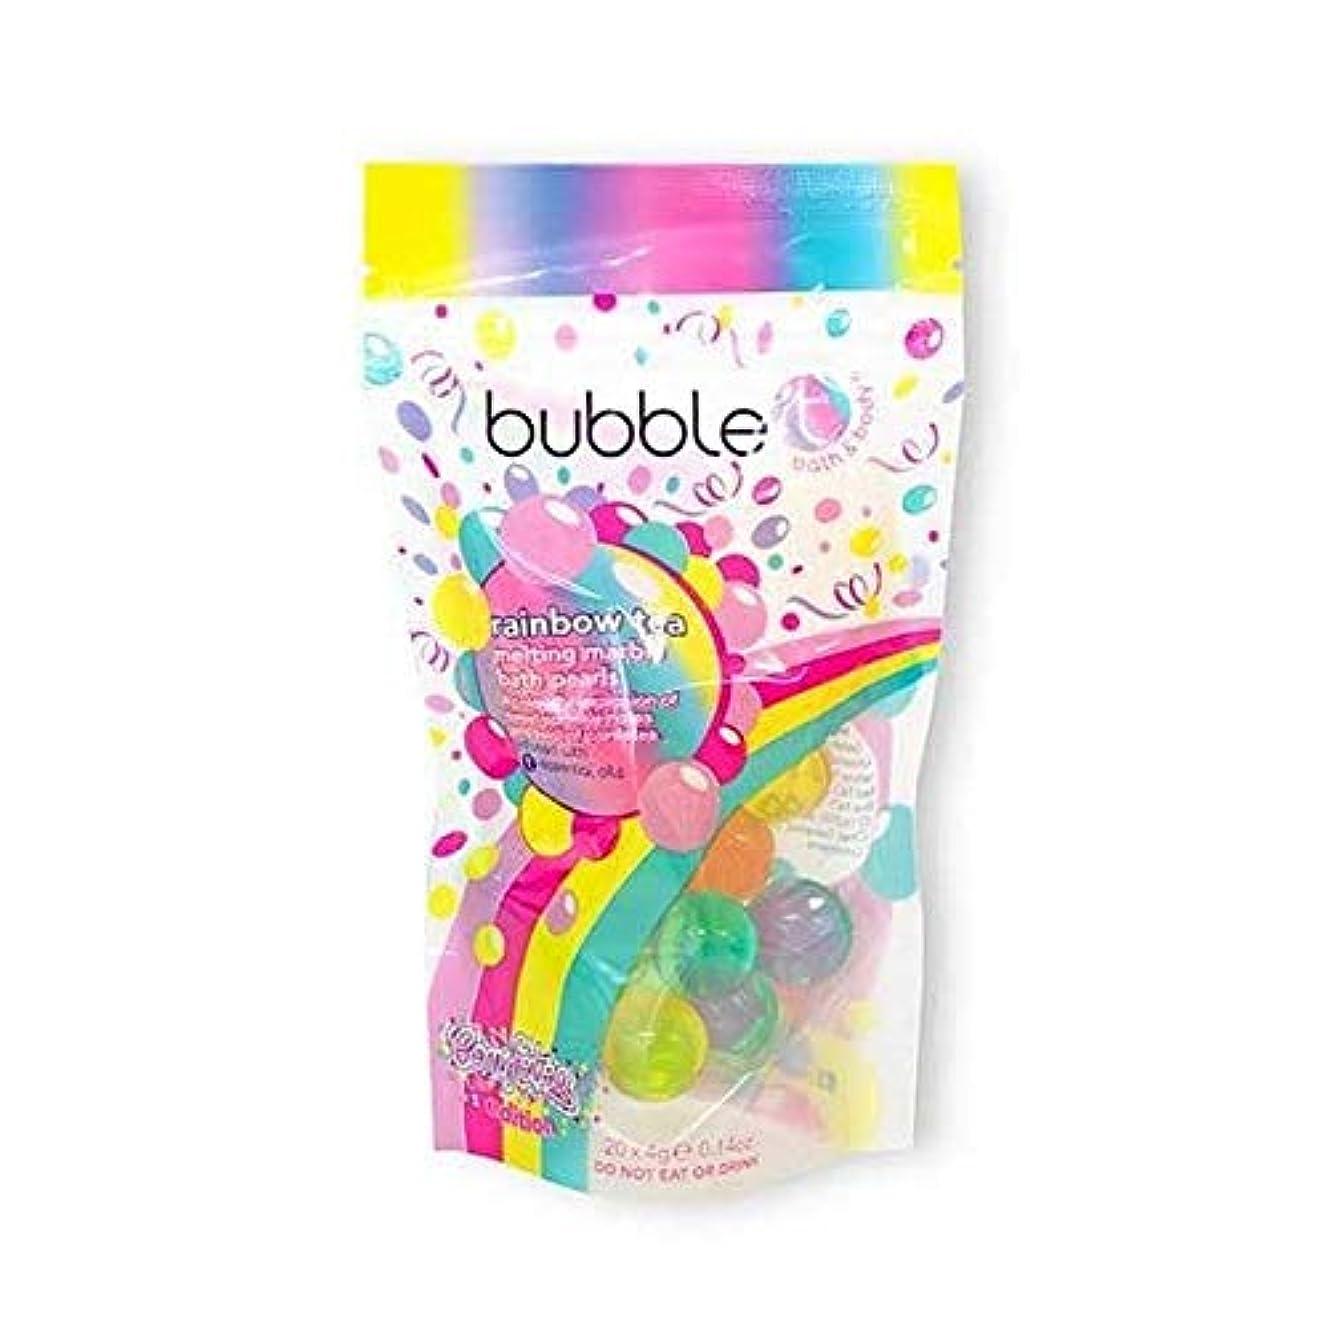 ケージ望まない看板[Bubble T ] バブルトン化粧品溶融槽真珠虹茶20×4グラム - Bubble T Cosmetics Melting Bath Pearls Rainbow Tea 20 x 4g [並行輸入品]